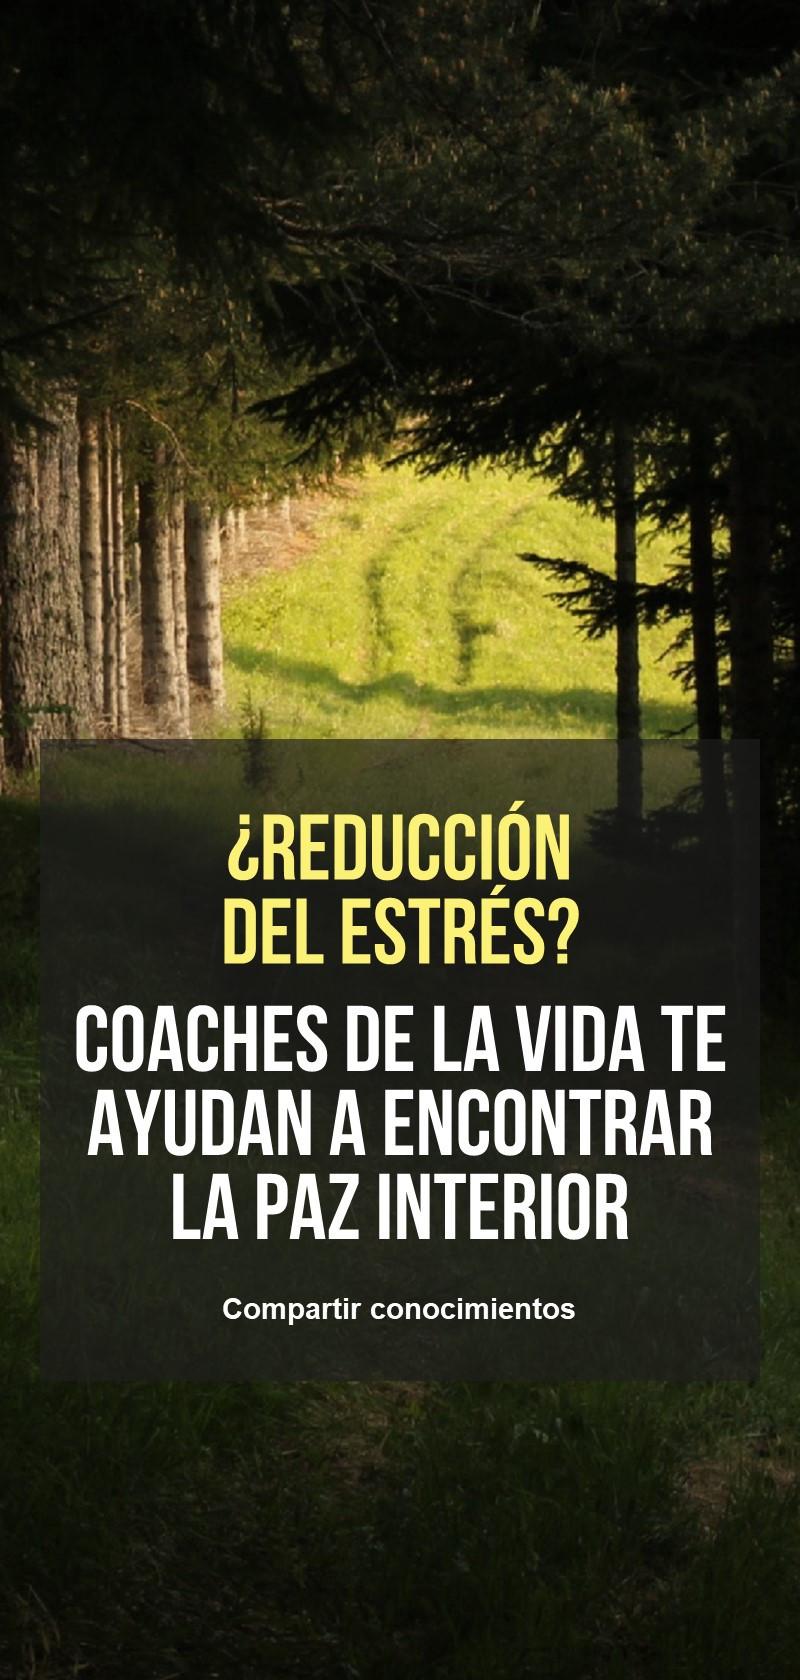 Coaches de reducción de estrés